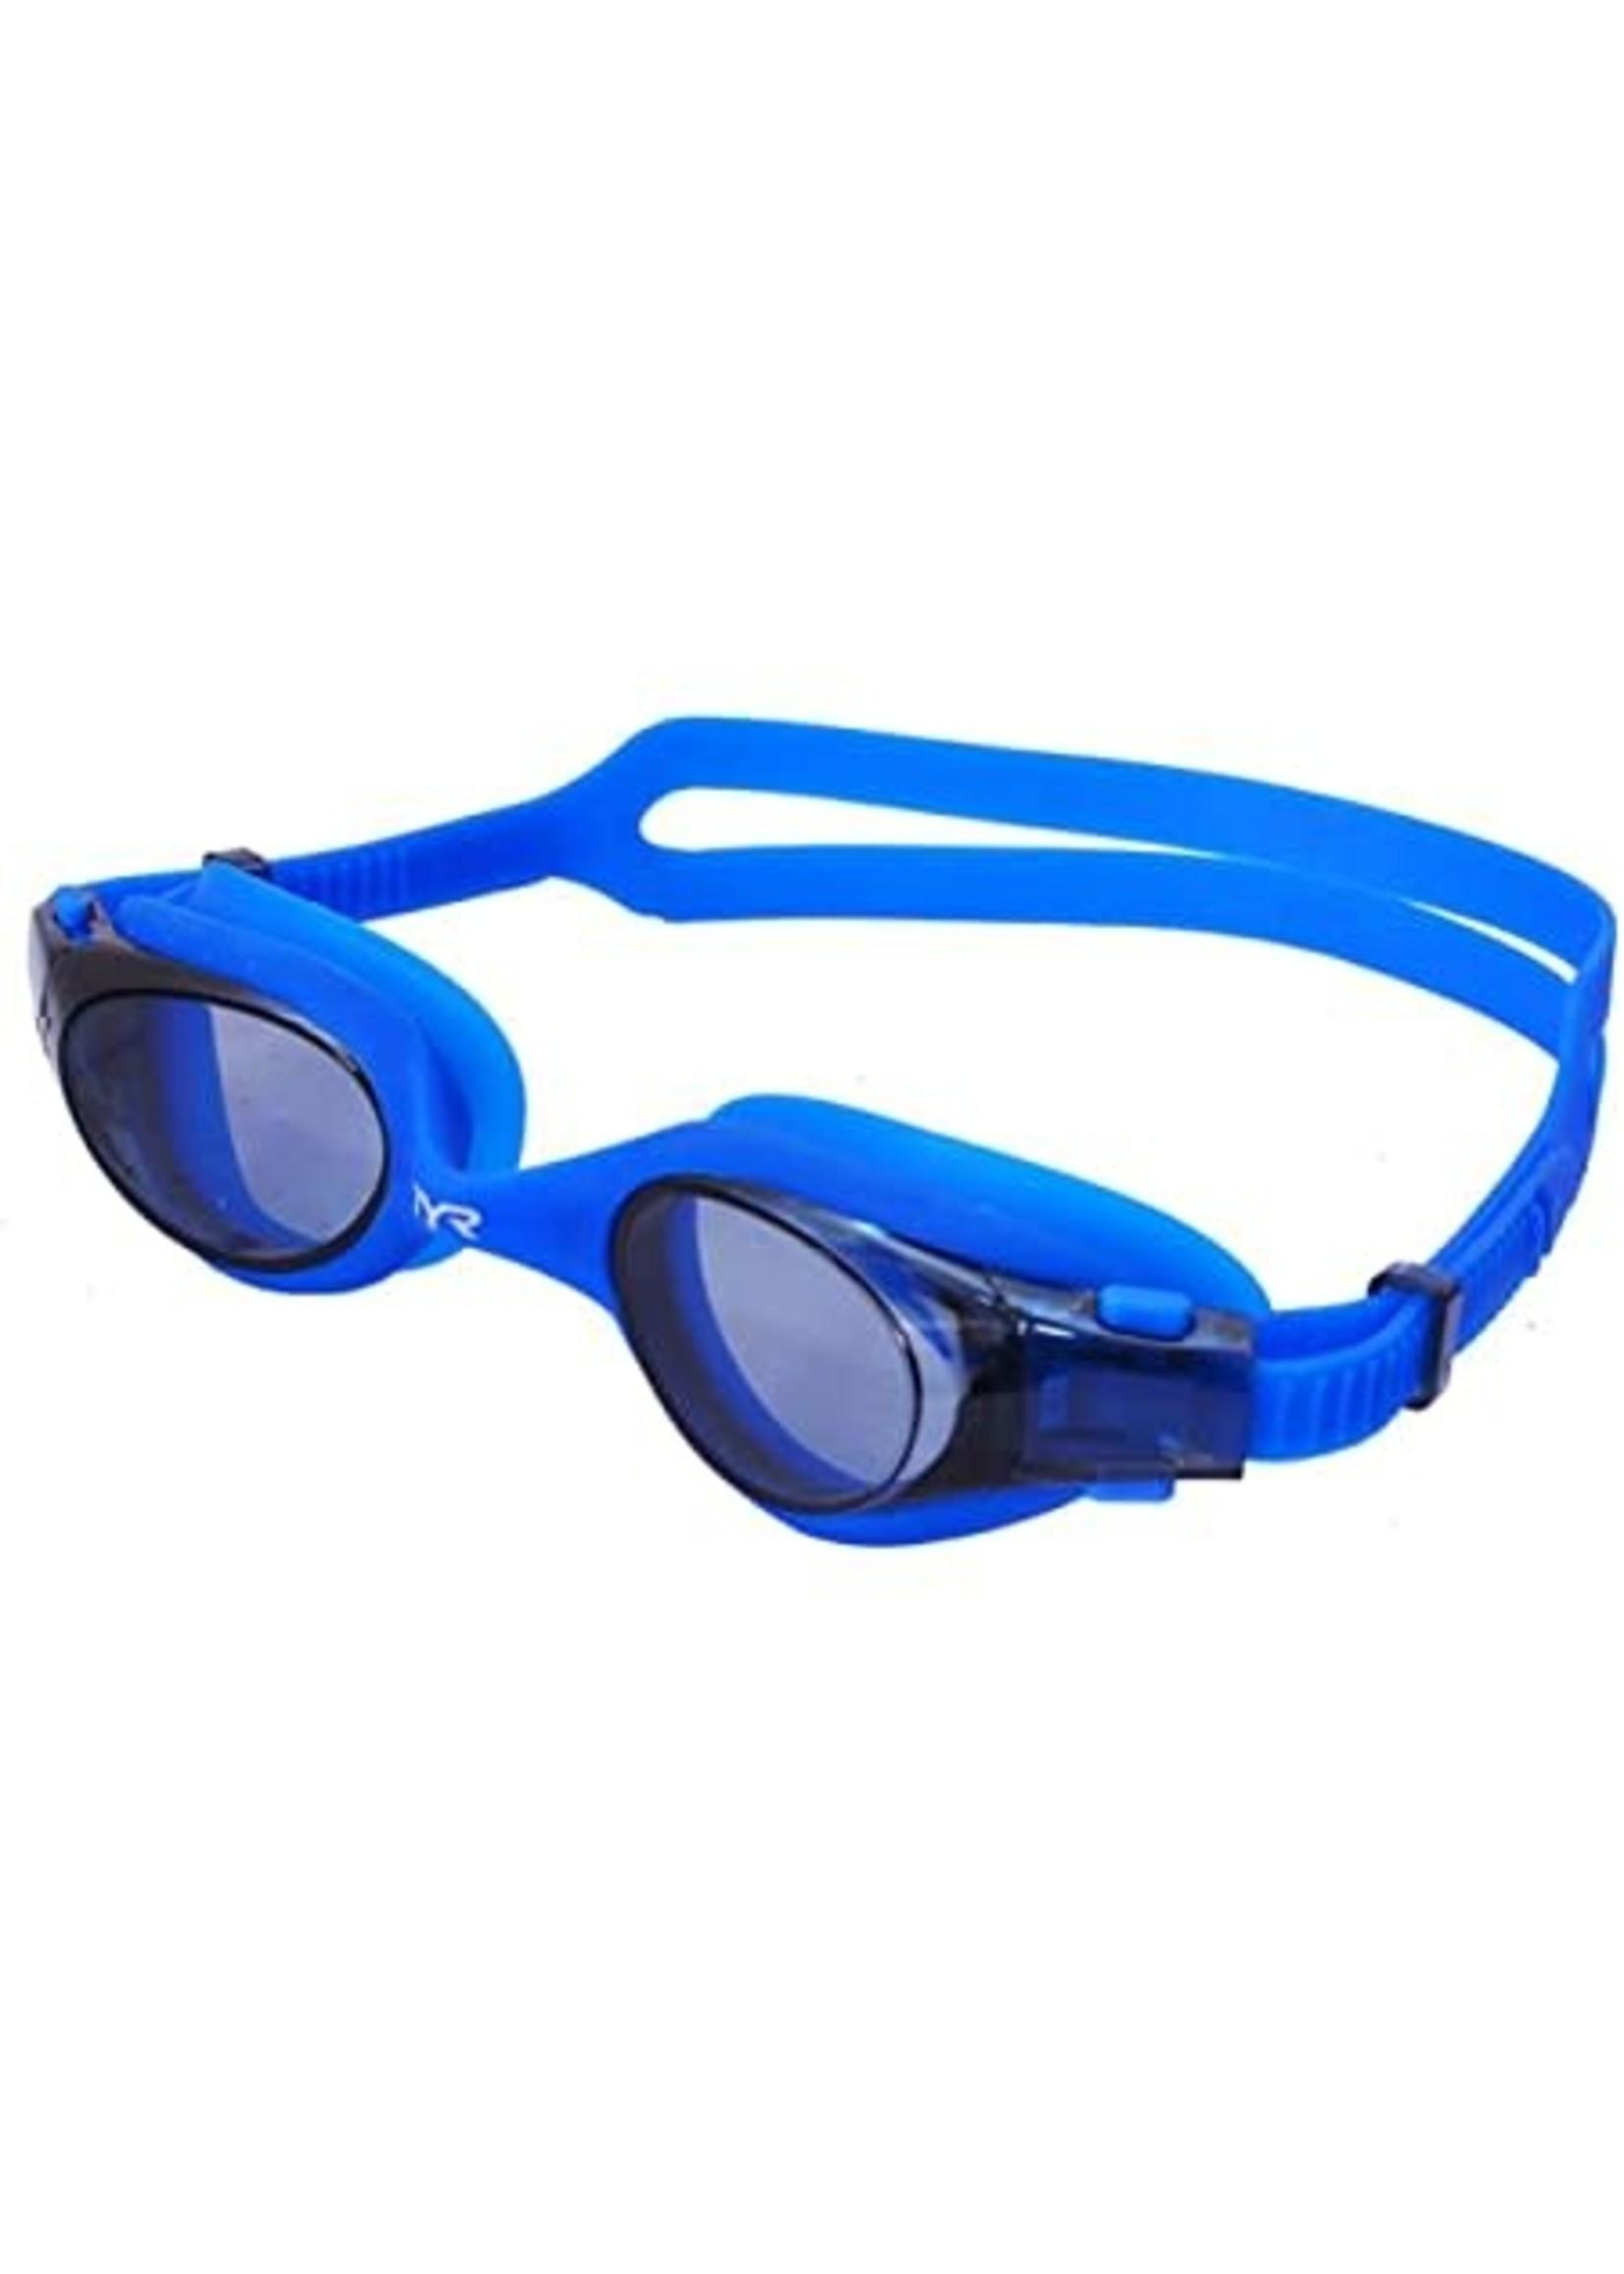 TYR TYR Vesi Swim Goggle (20210